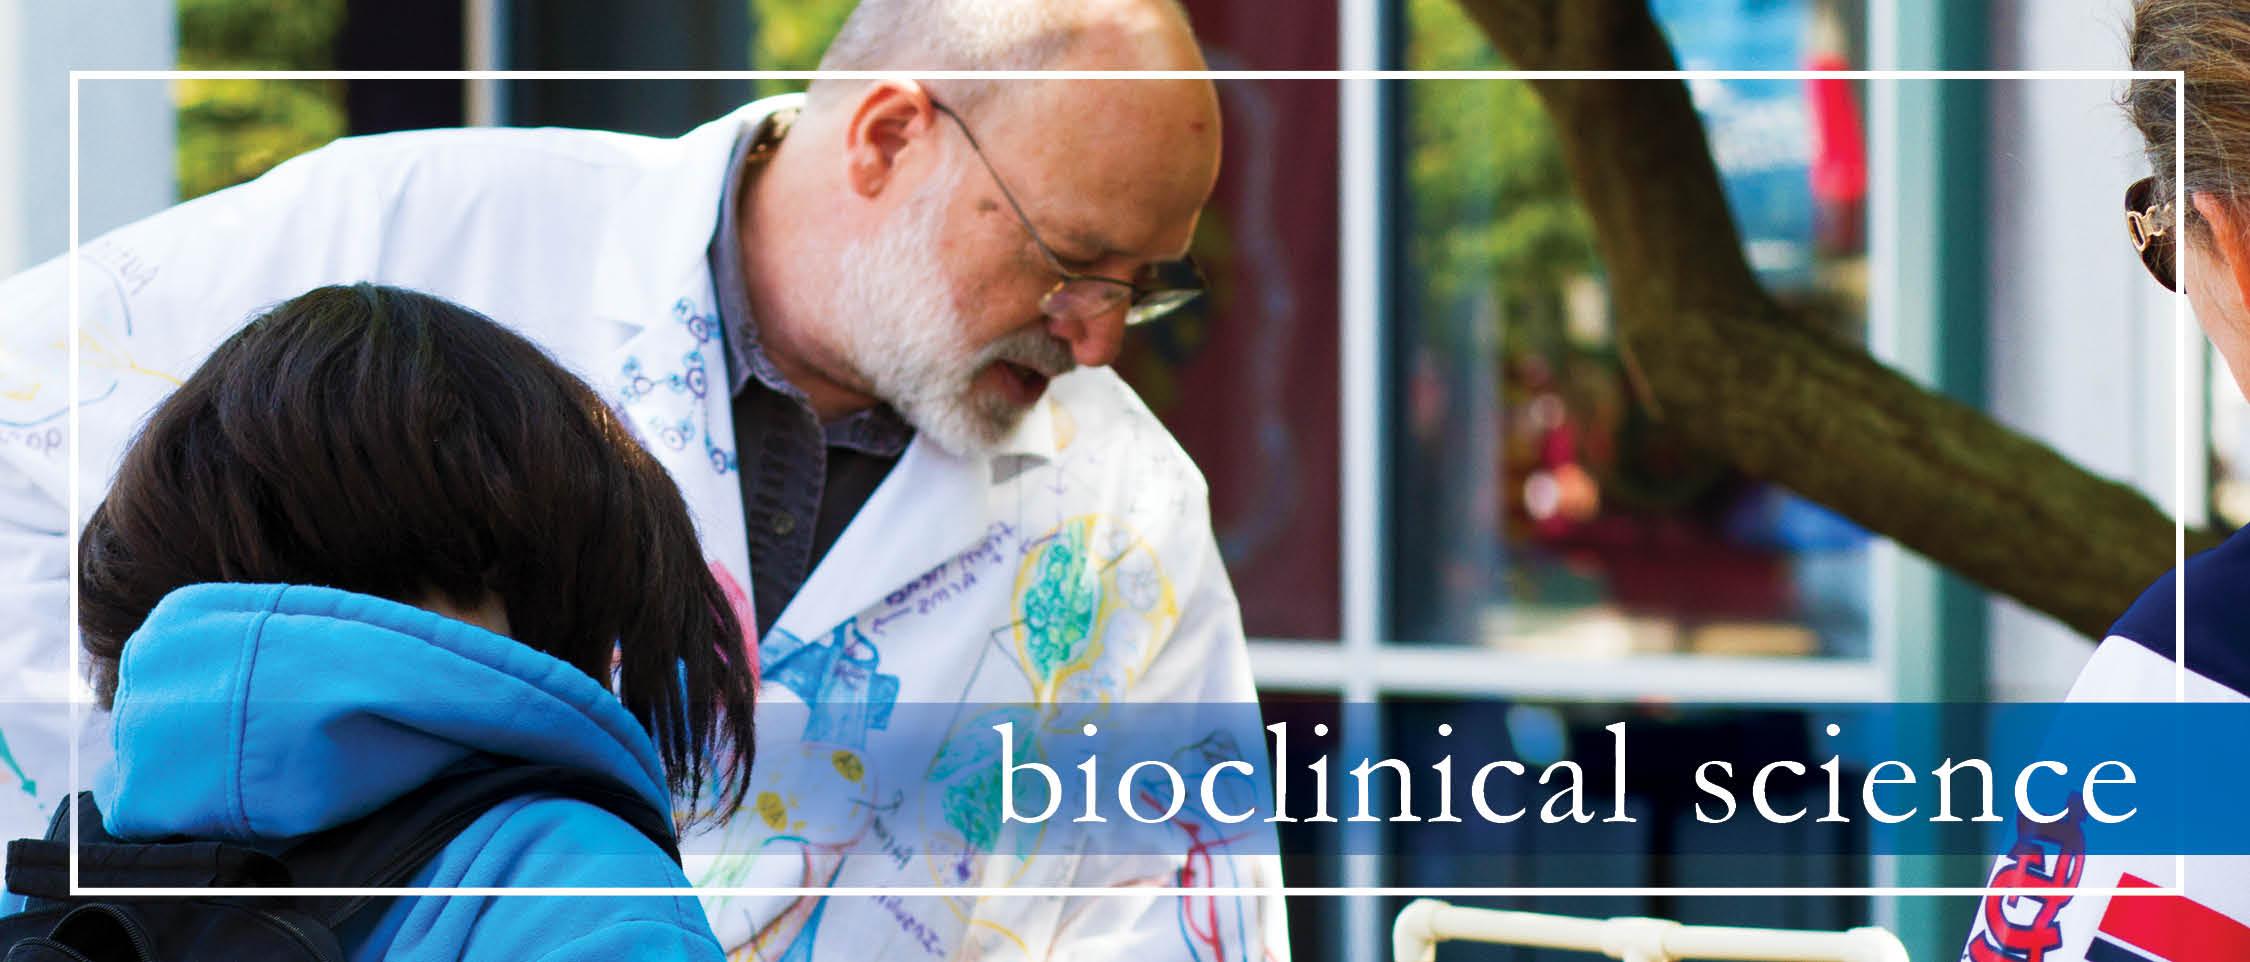 Bioclinical Head Banner